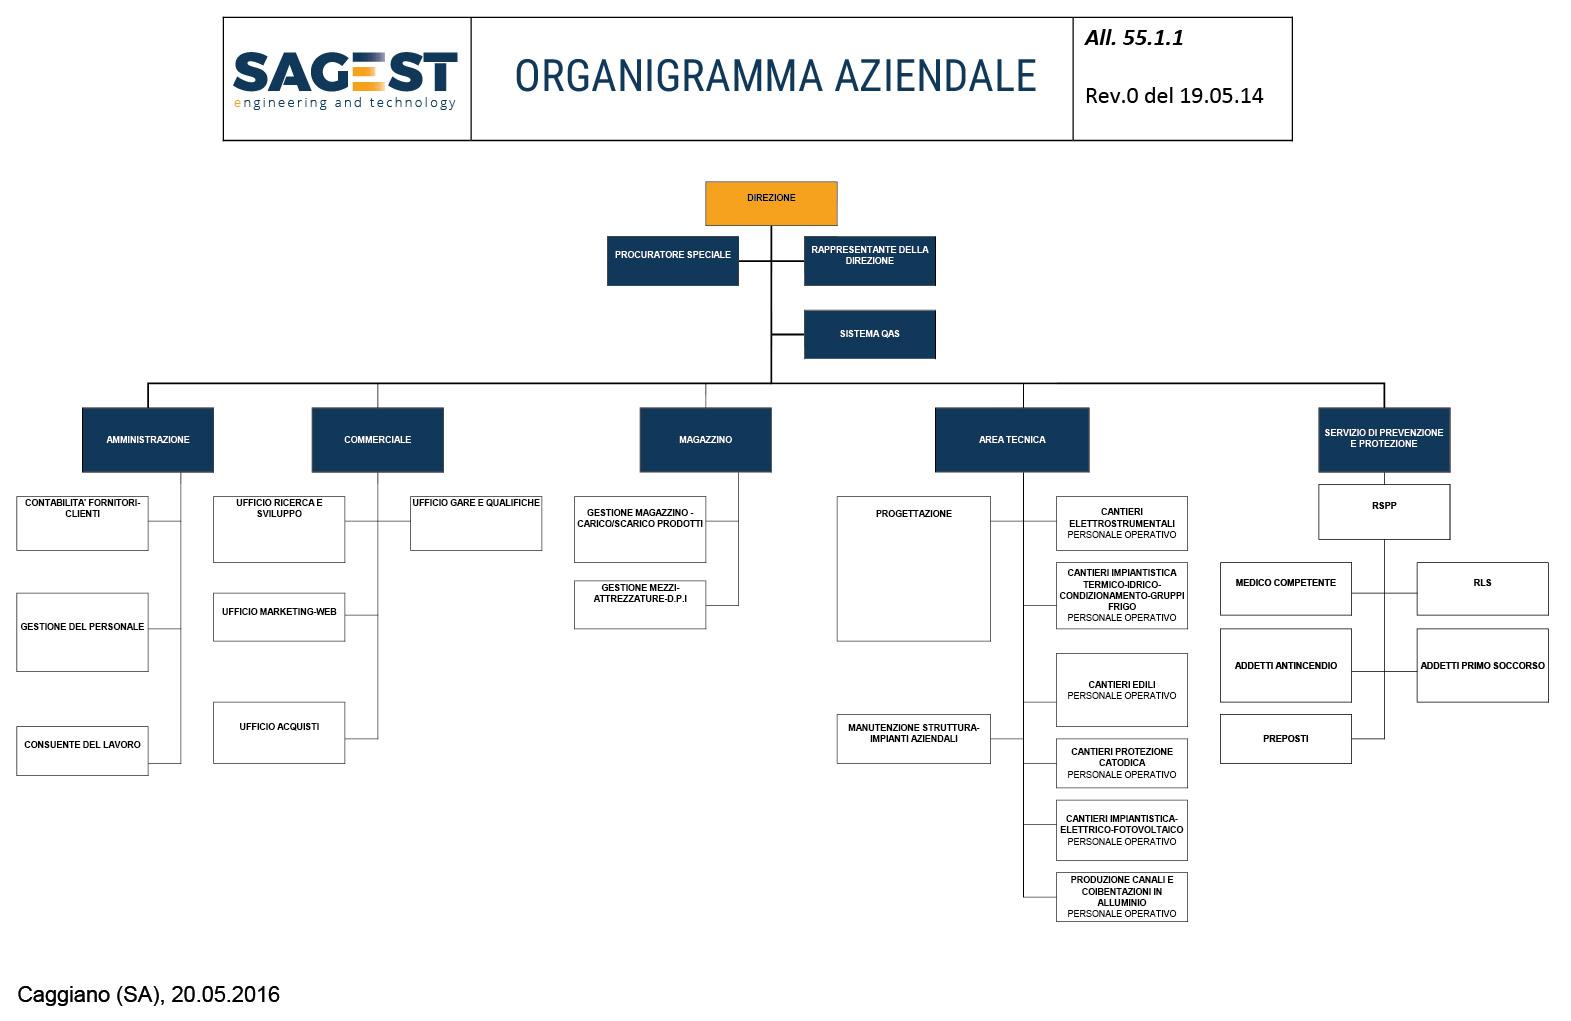 organigramma_sagest